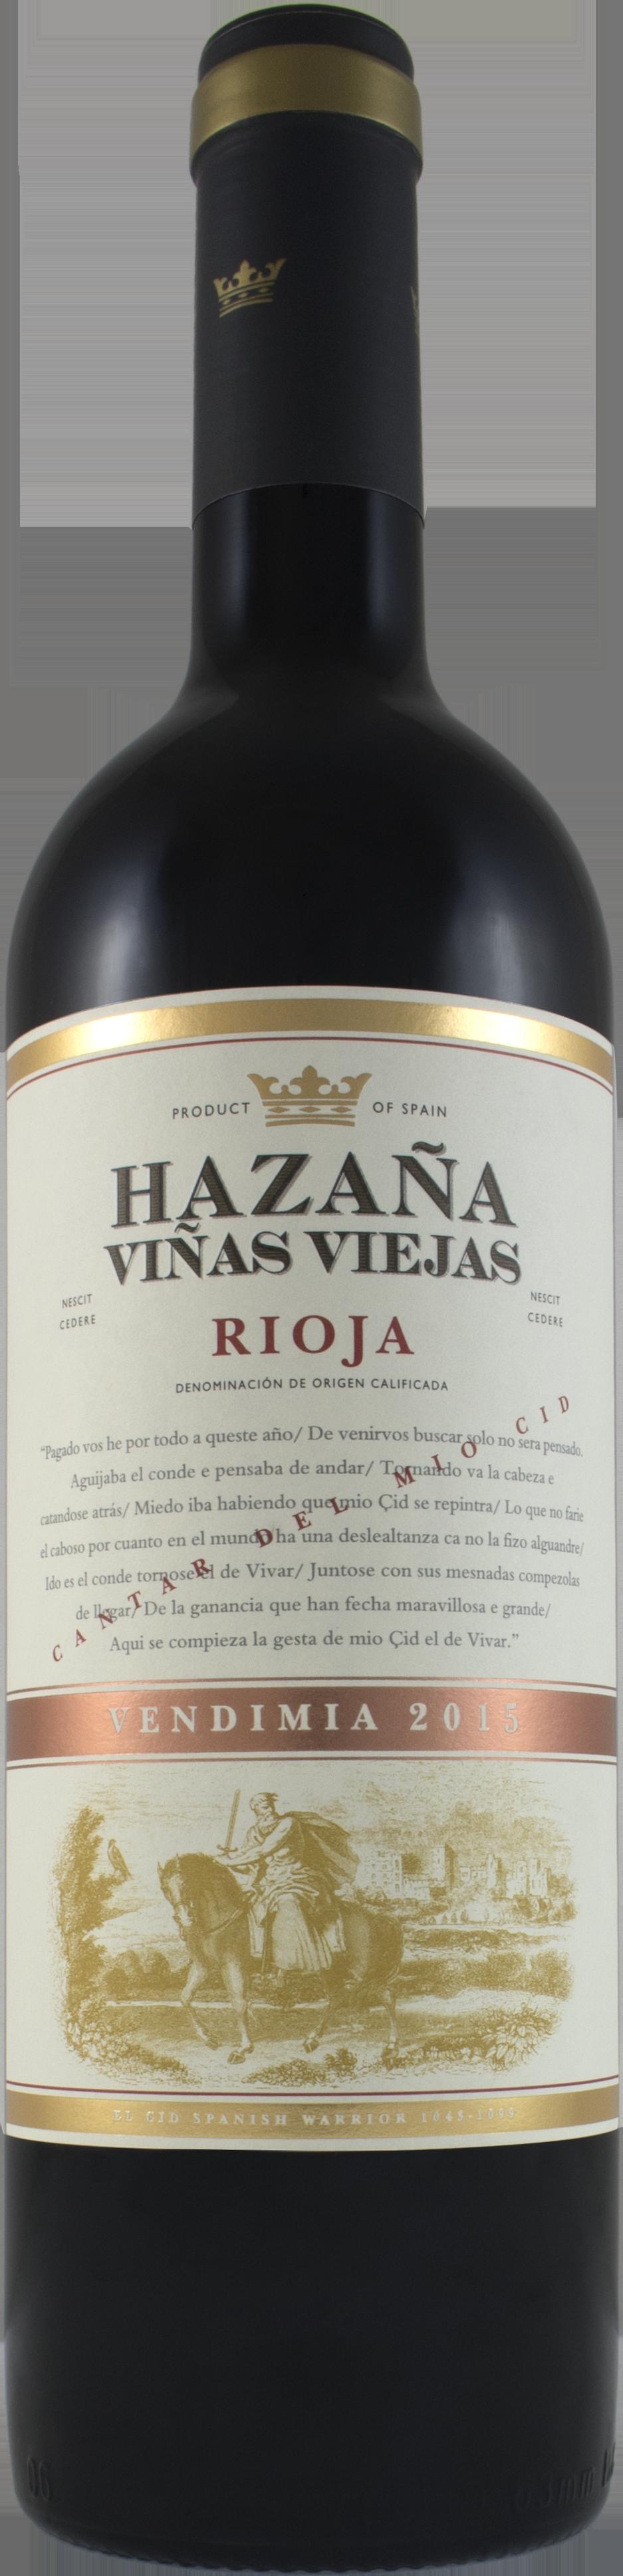 2017 Hazana Vinas Viejas Rioja 750ml